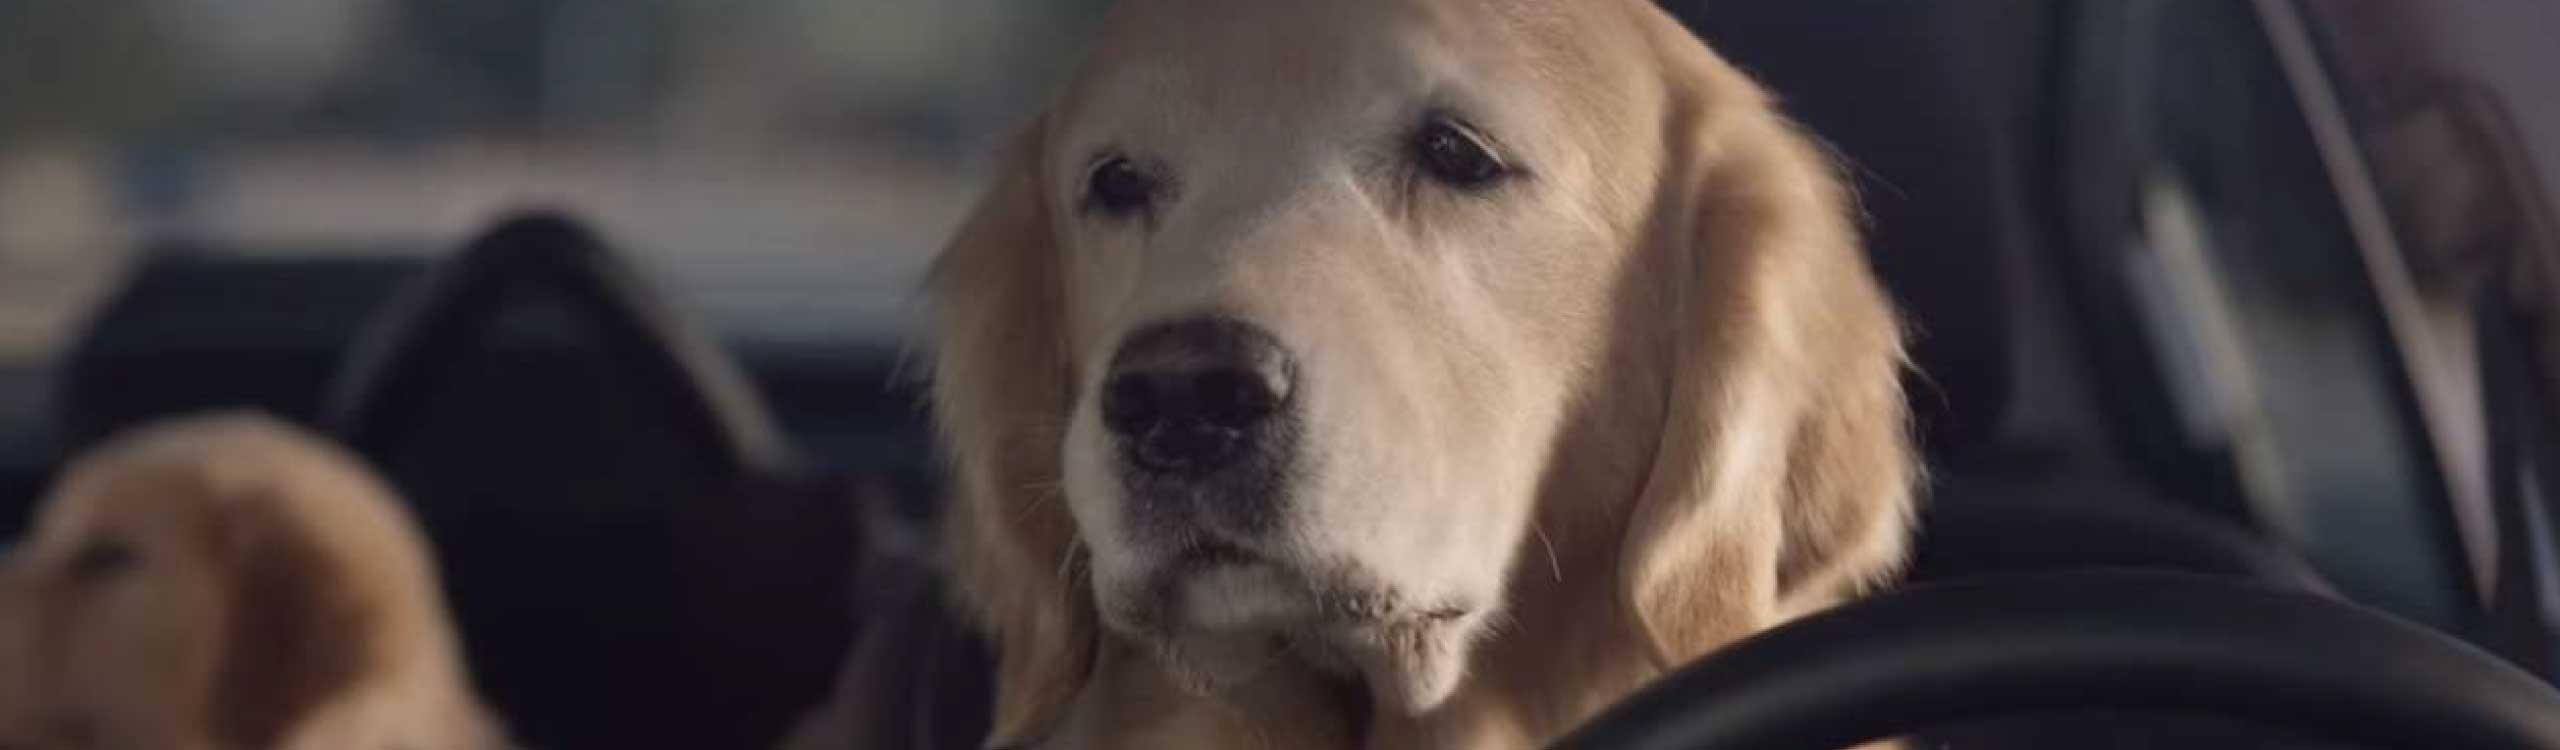 perros-subaru-mis-gafas-de-pasta-destacado